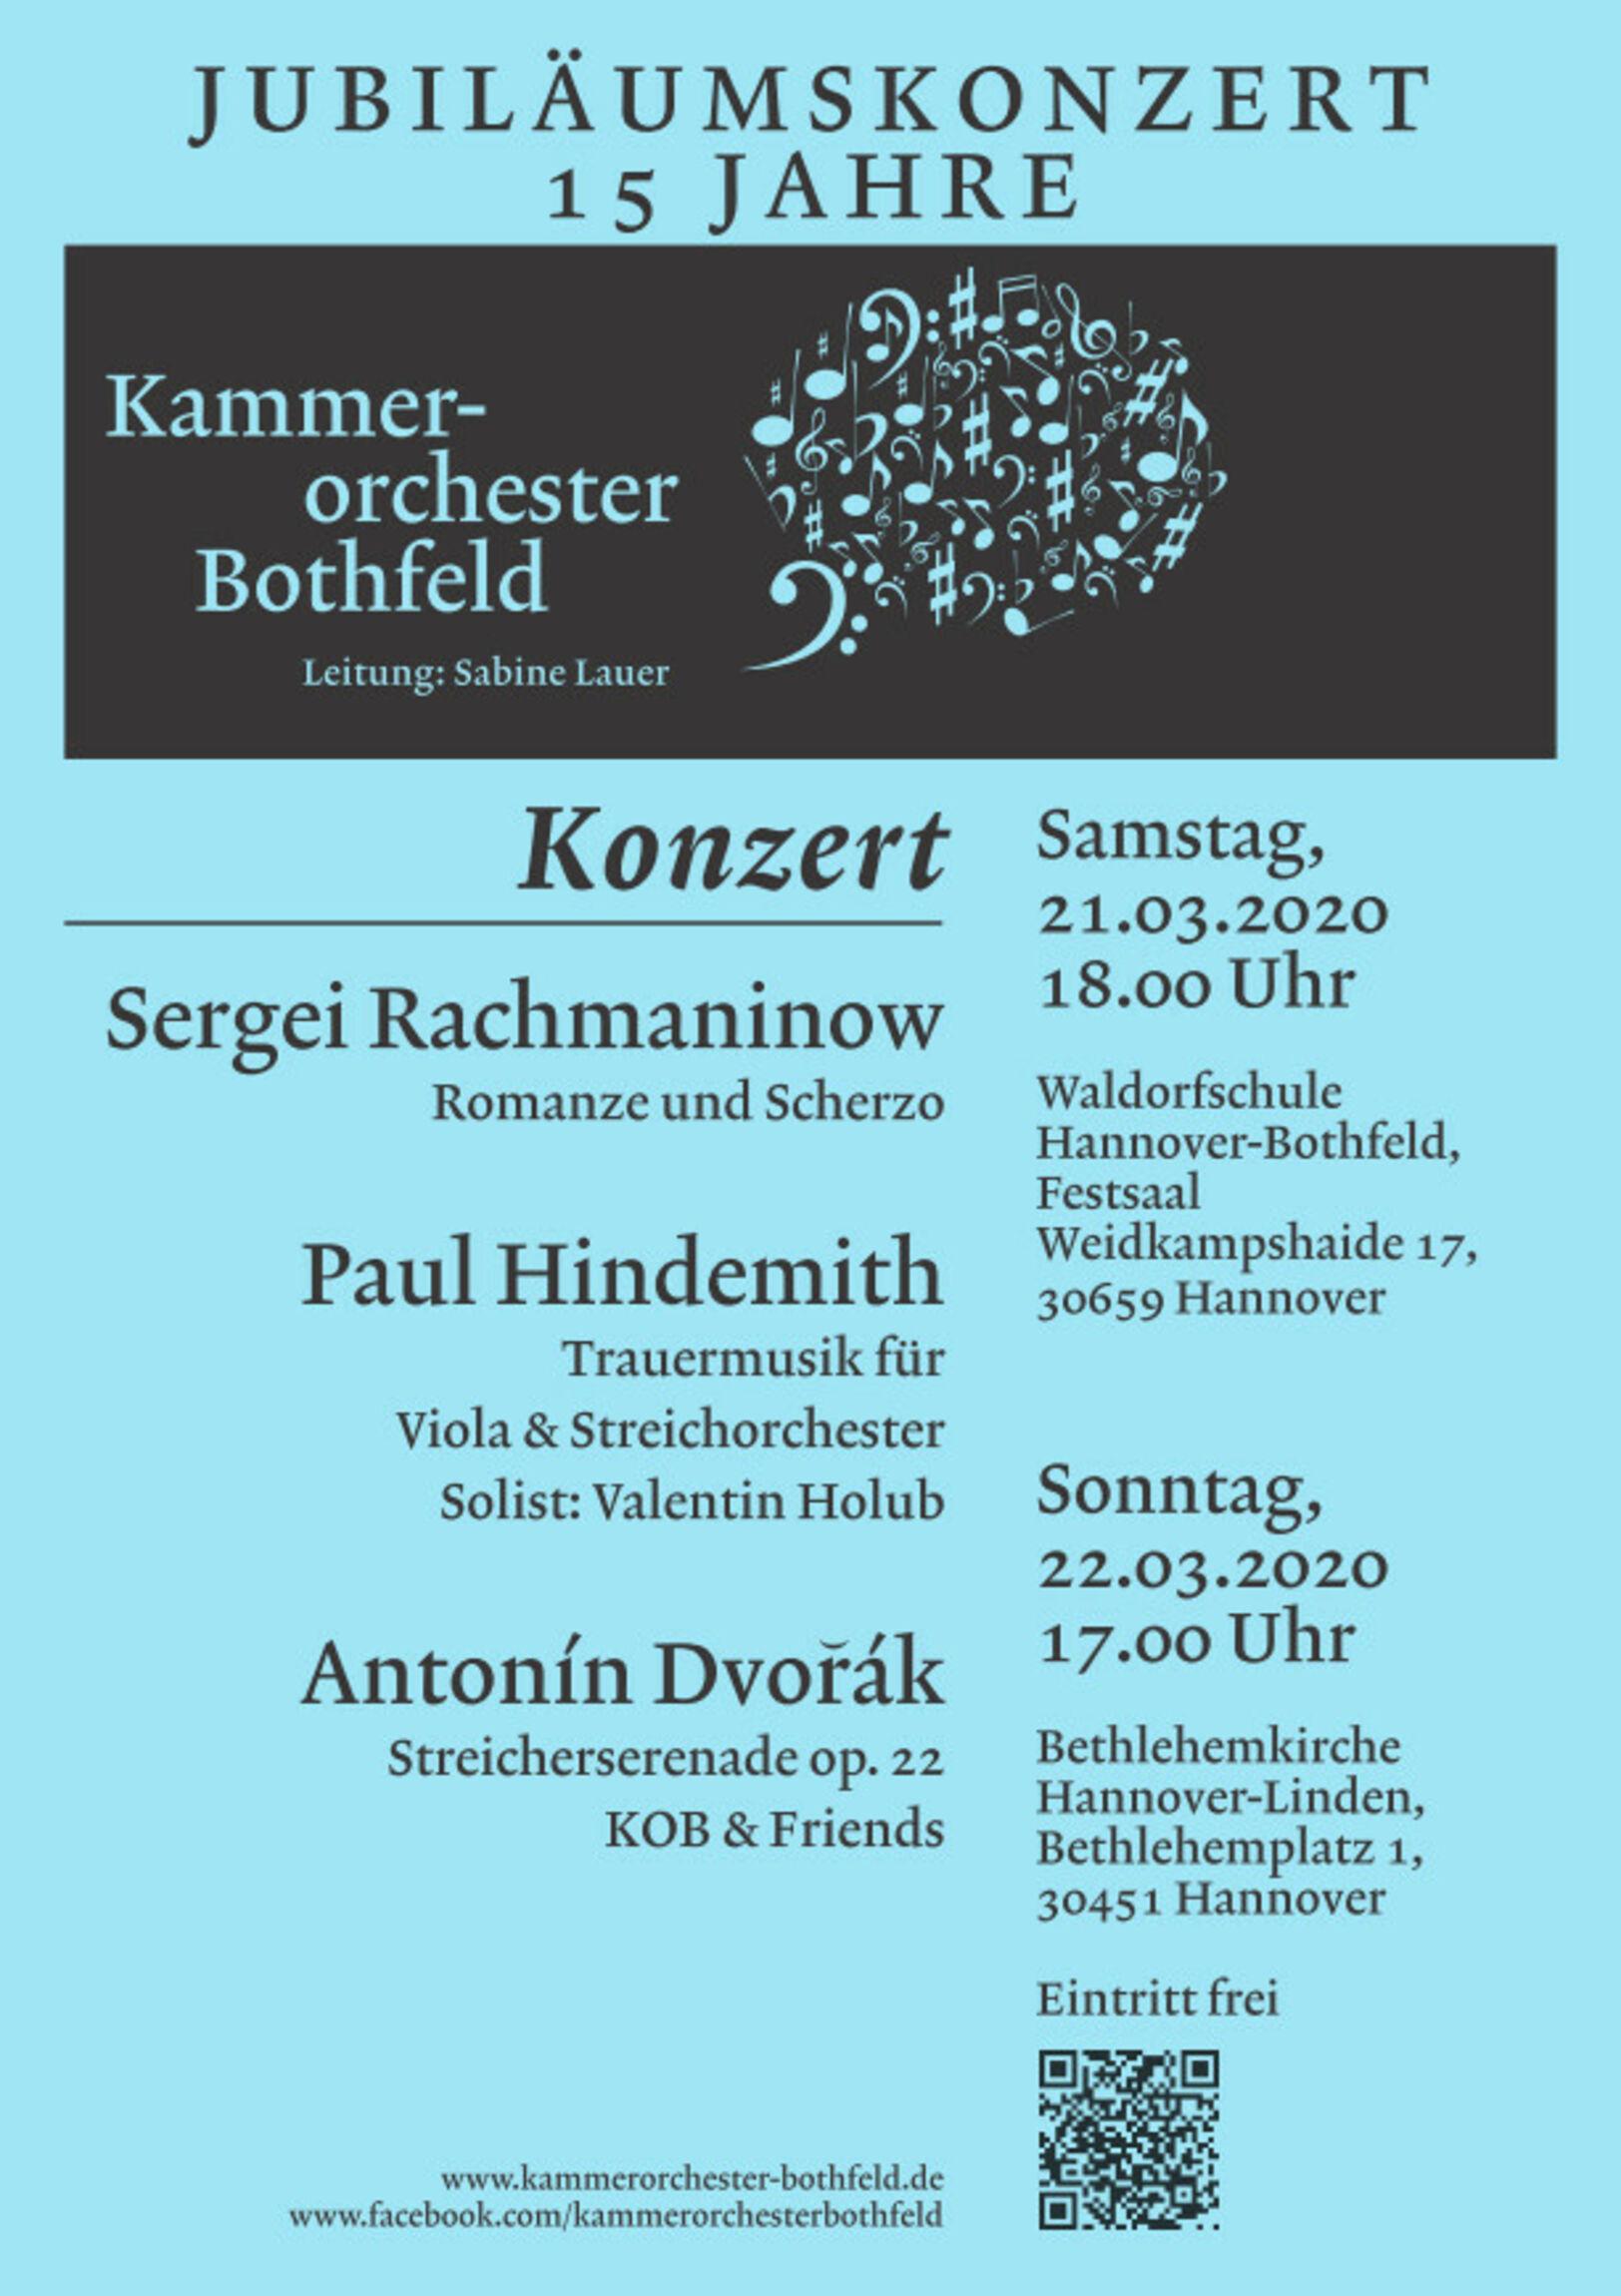 Jubiläumskonzert 22.03.2020 Bethlehemkirche